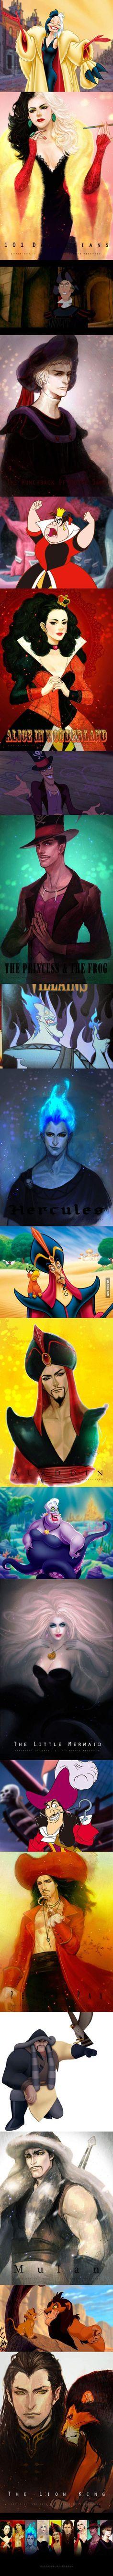 If Our Favorite Disney Villains Were Drop Dead Gorgeous